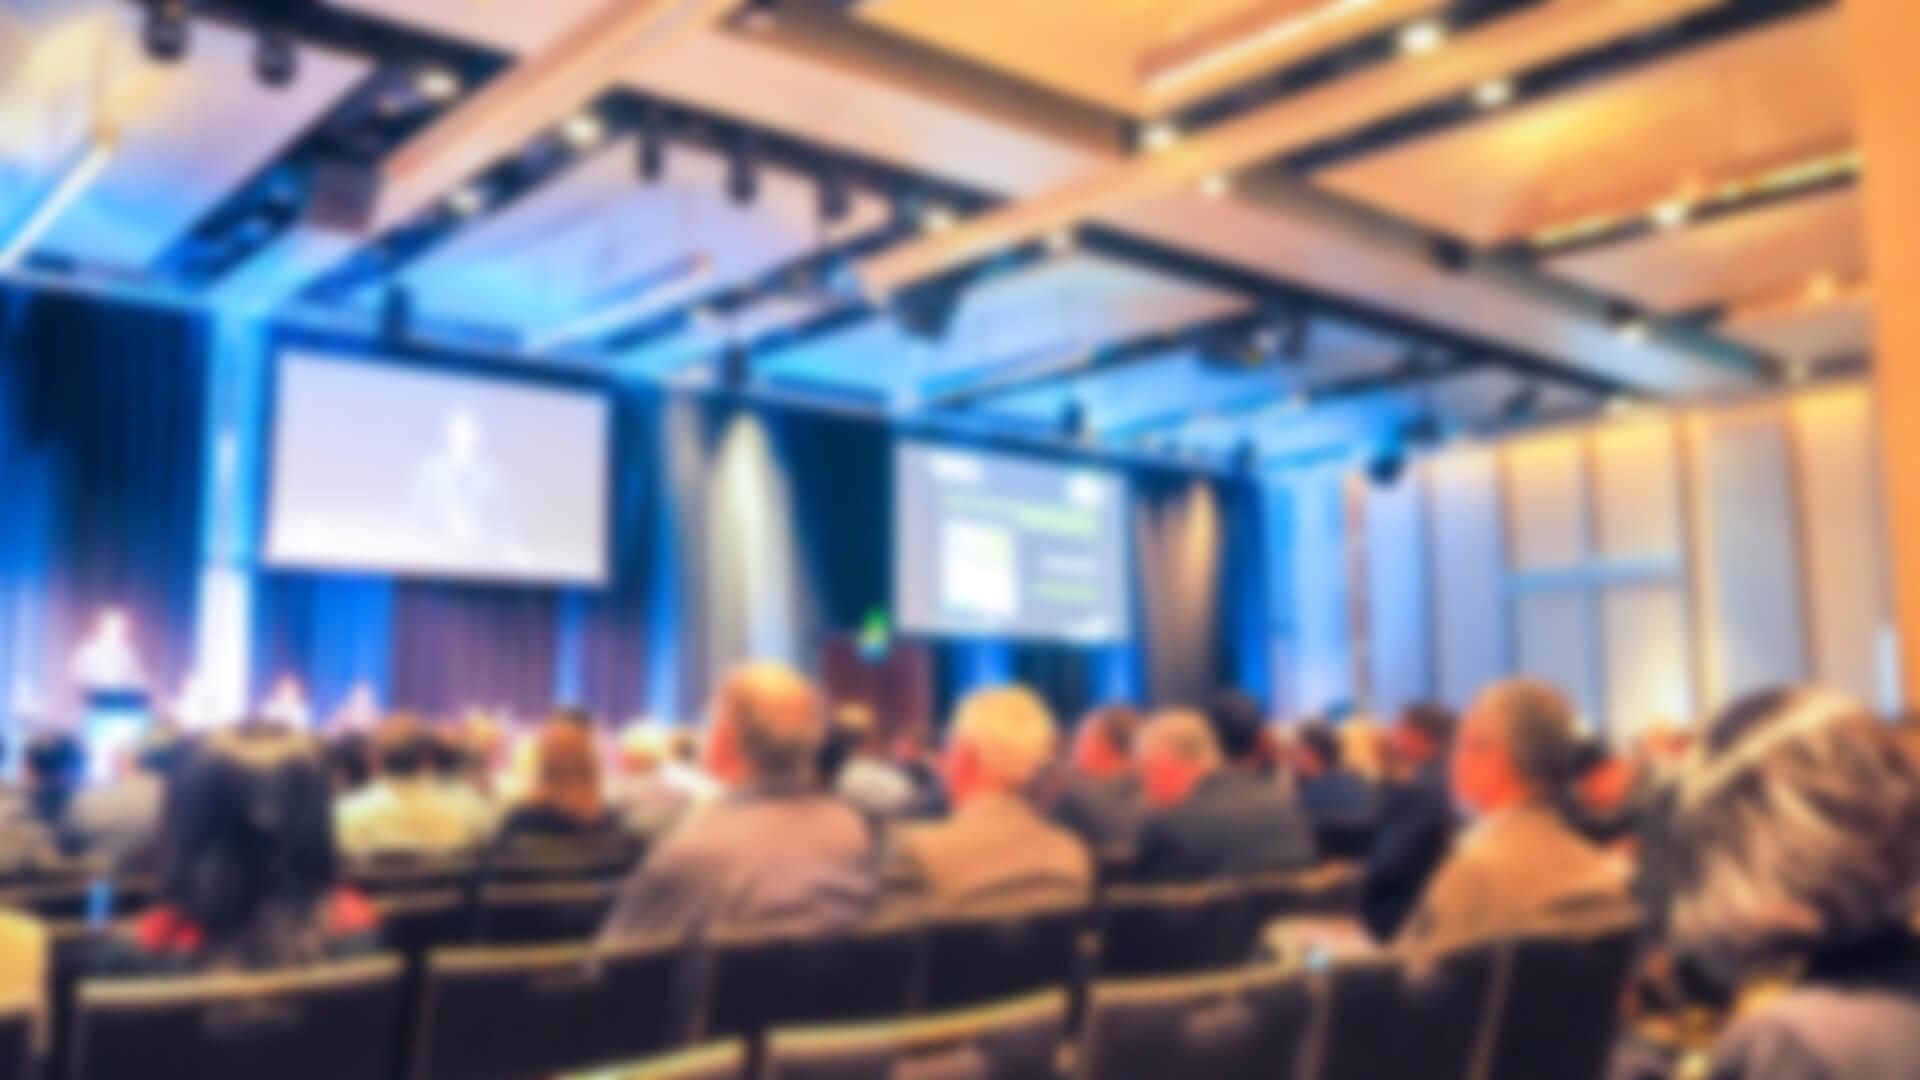 međunarodna konferenciija